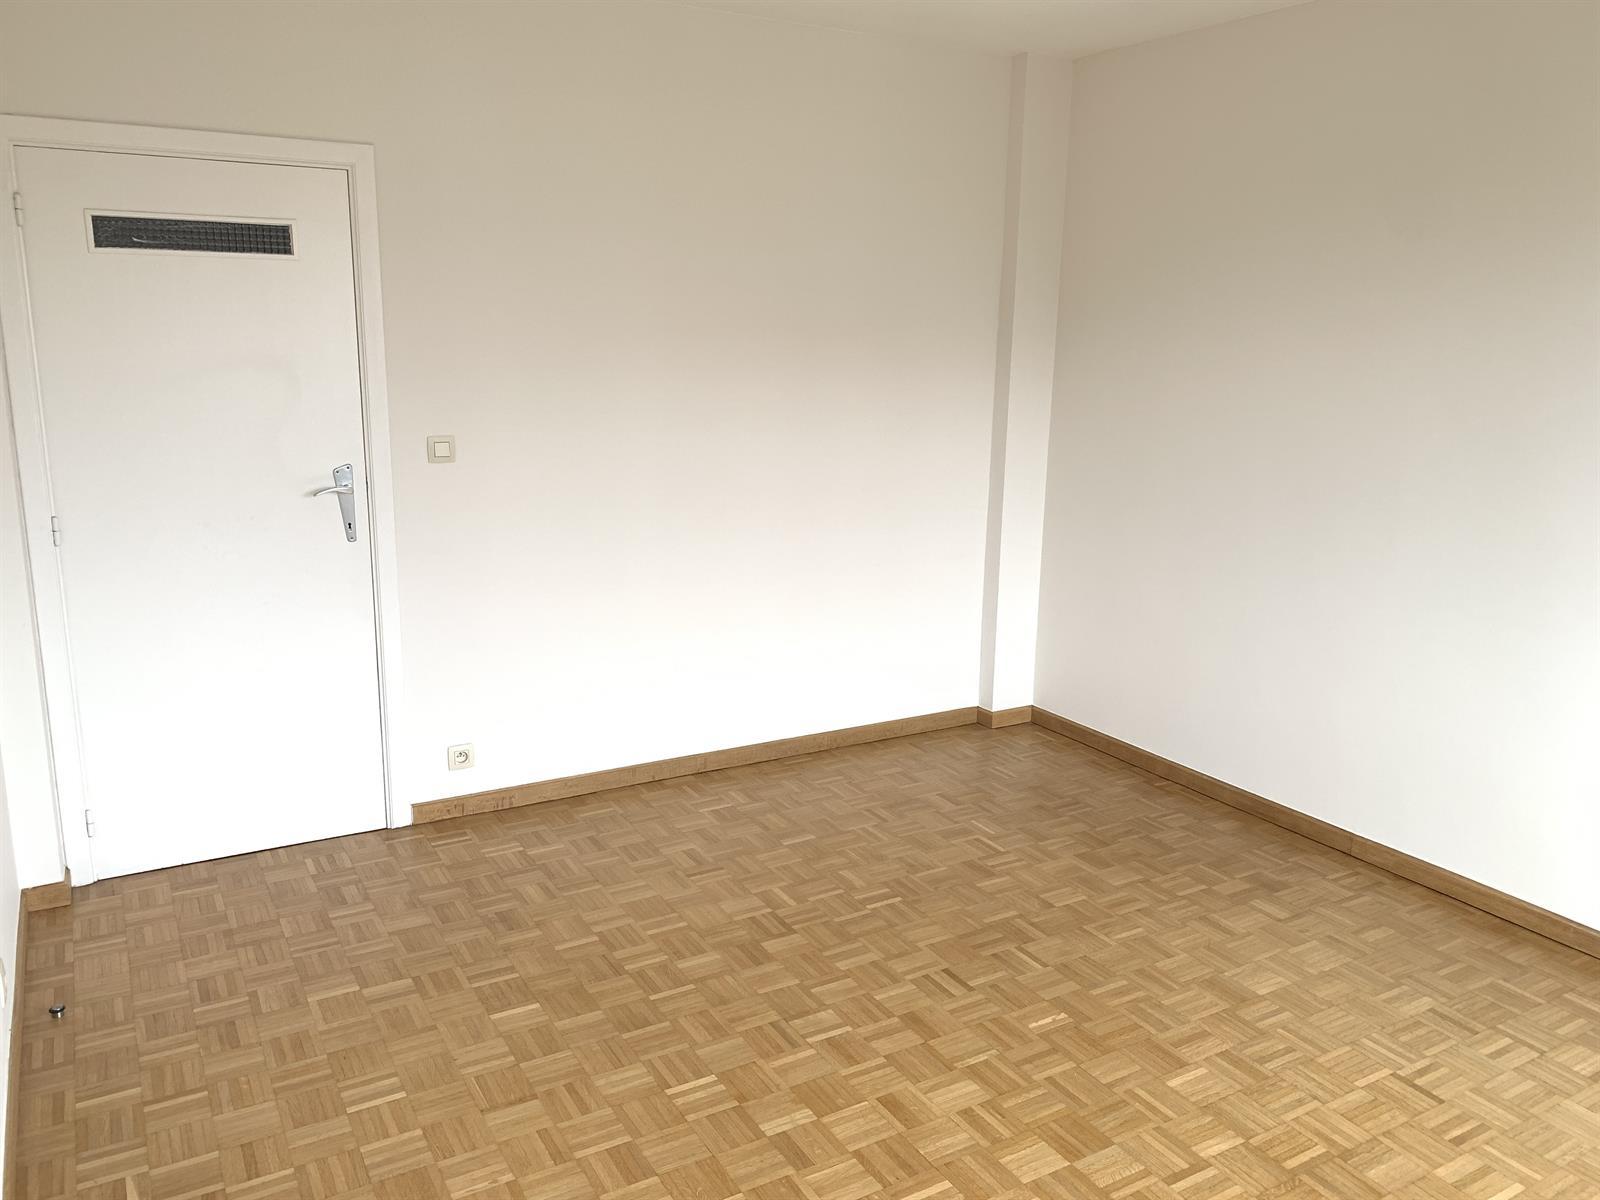 Flat - Schaerbeek - #4394057-10